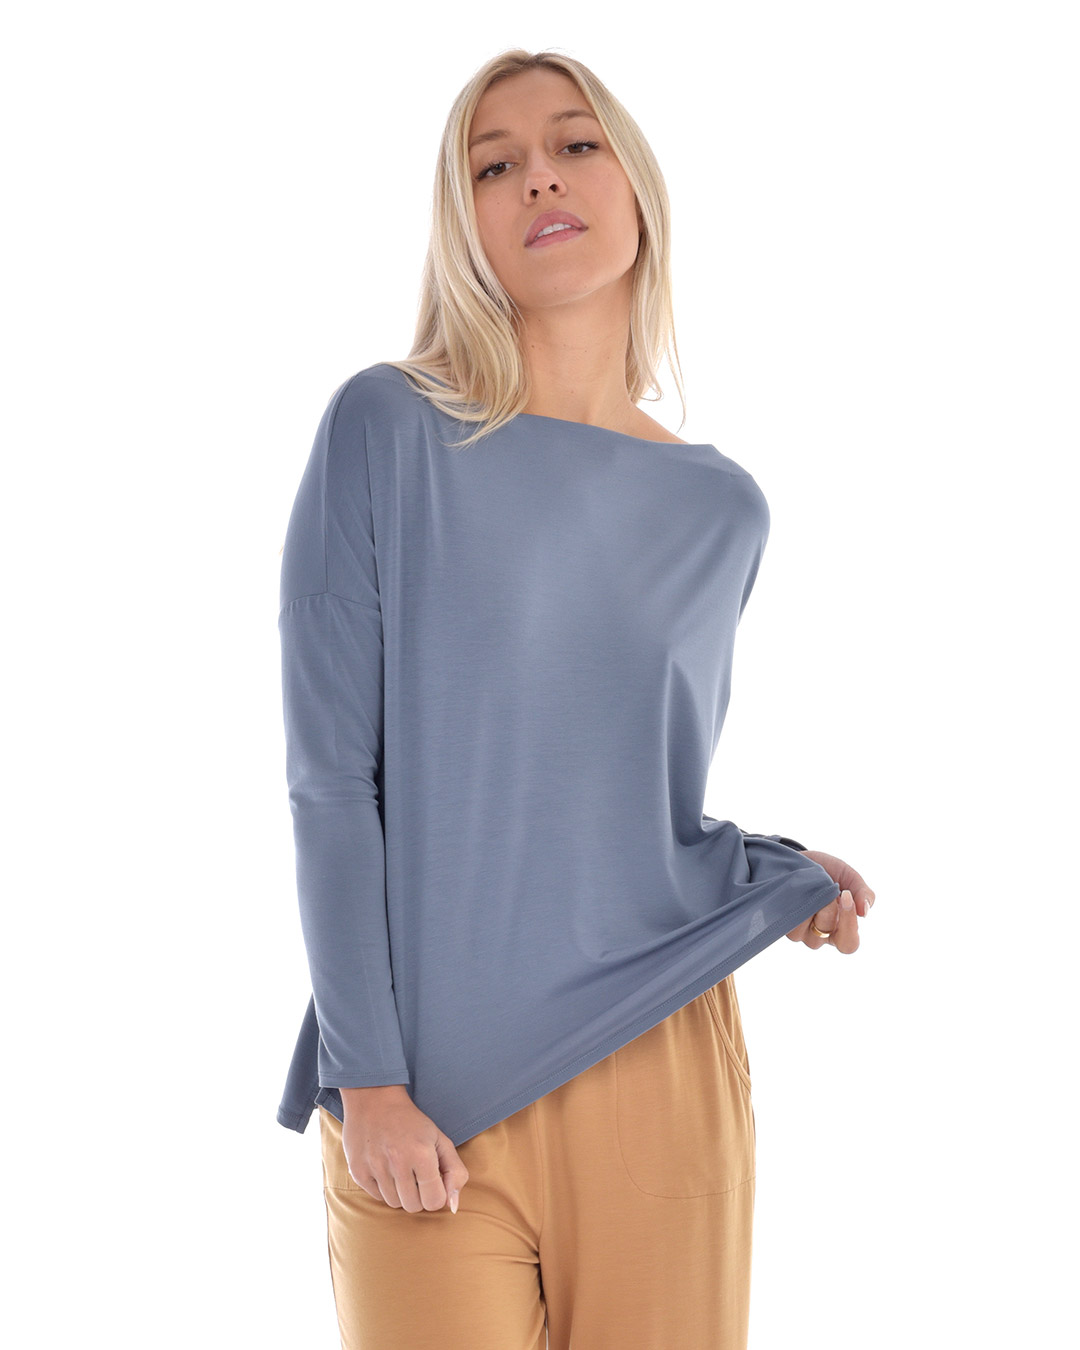 paper-label-chantelle-blue-02-dianes-lingerie-vancouver-1080x1350